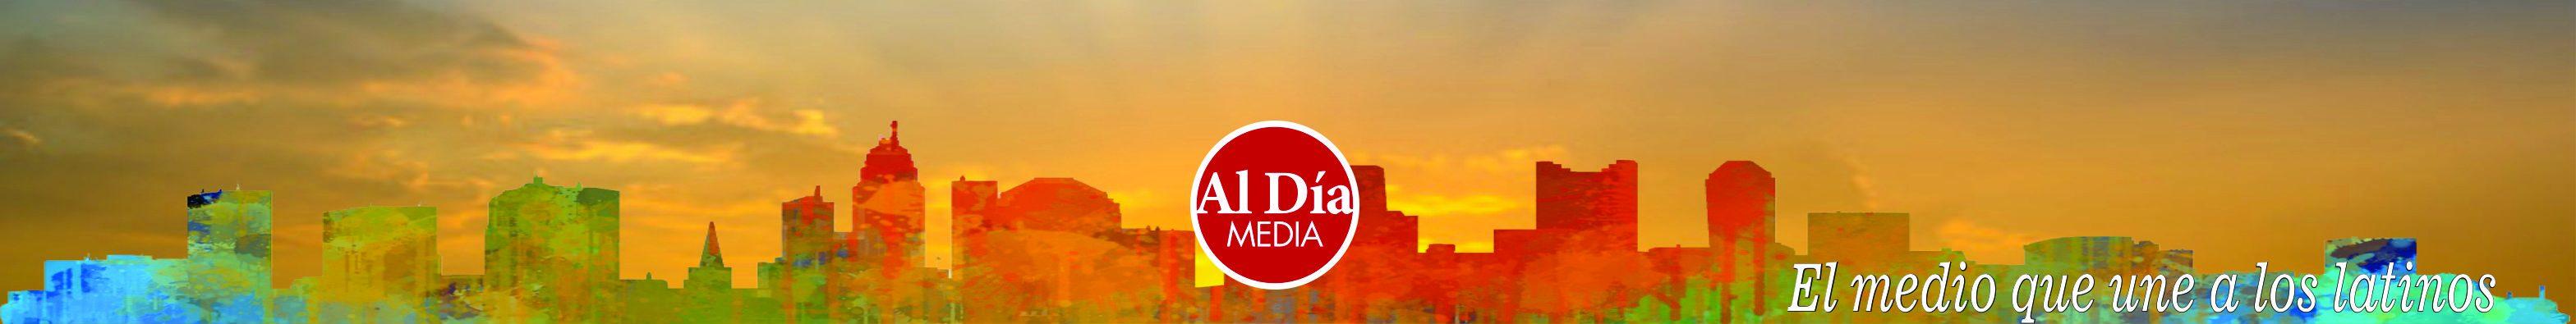 AL DIA MEDIA